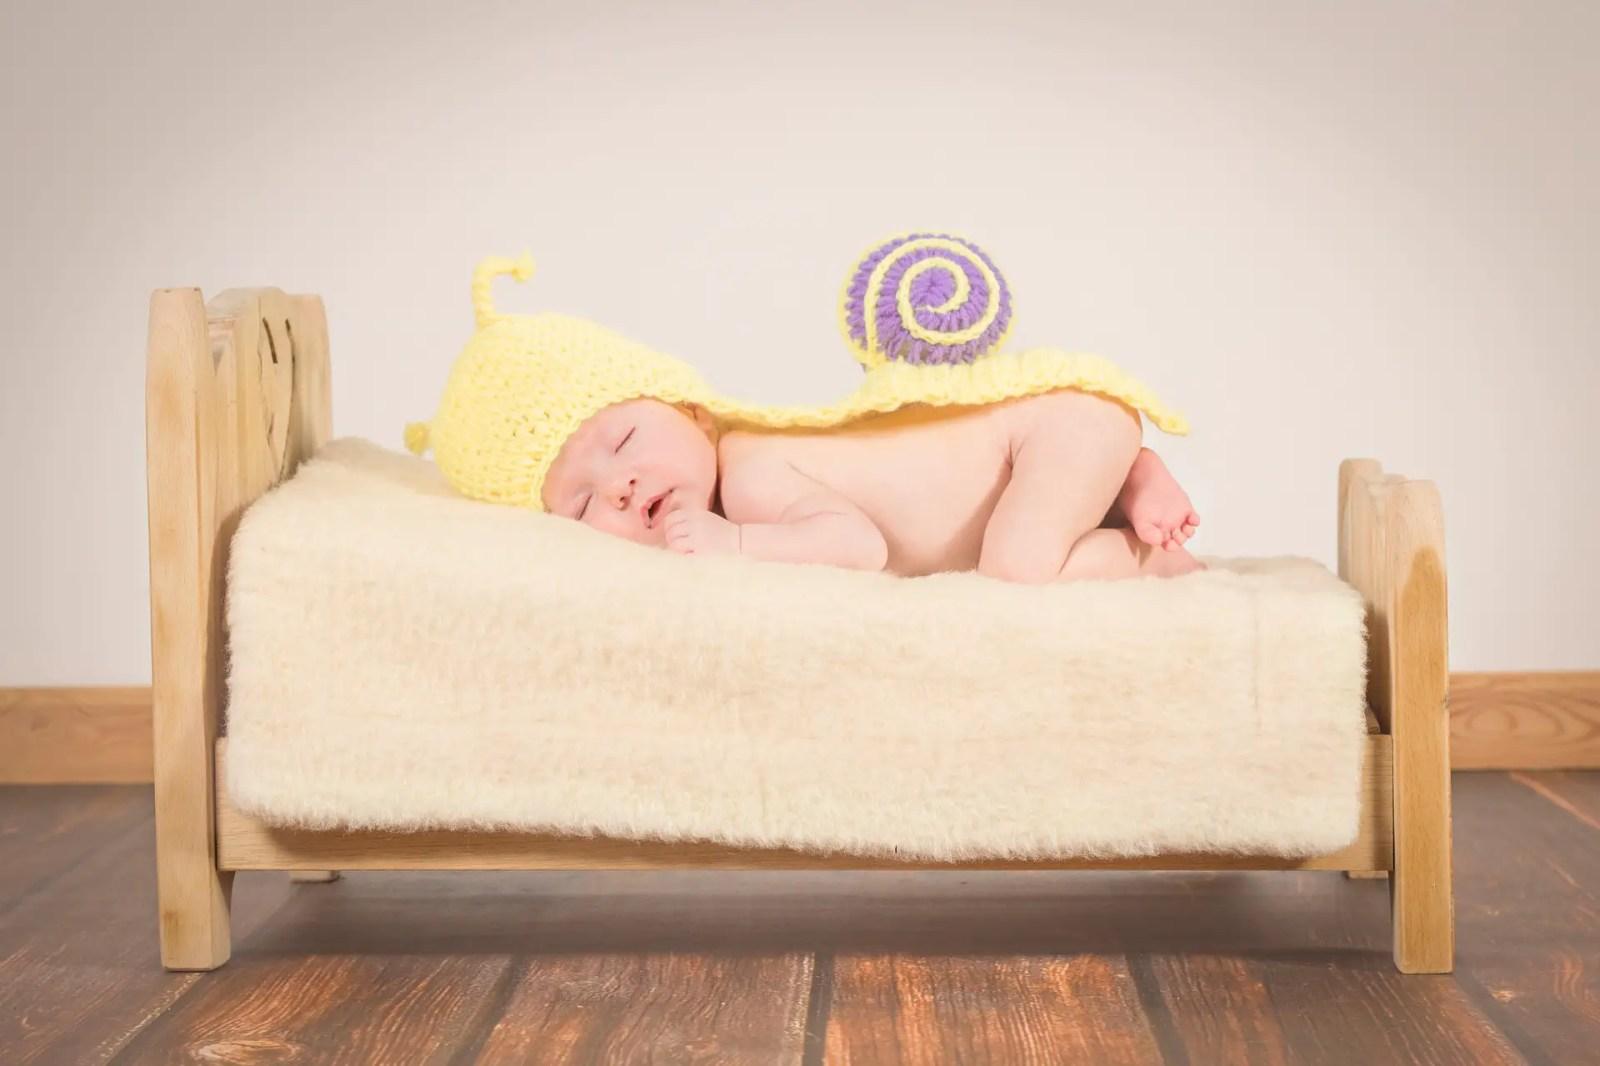 bebé duerma